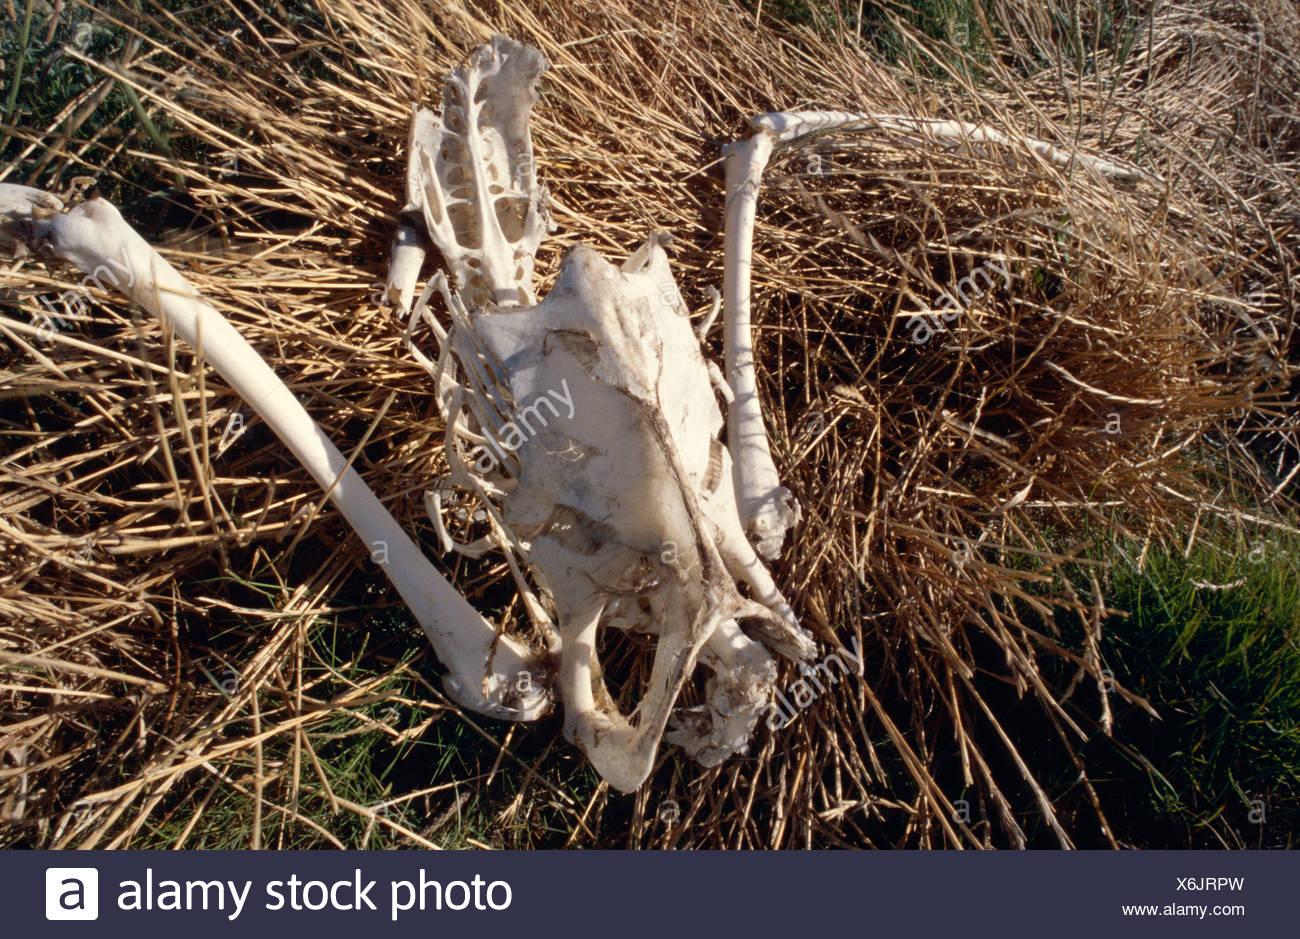 Le squelette presque intact d'un pélican blanc dans des roseaux. Photo Stock